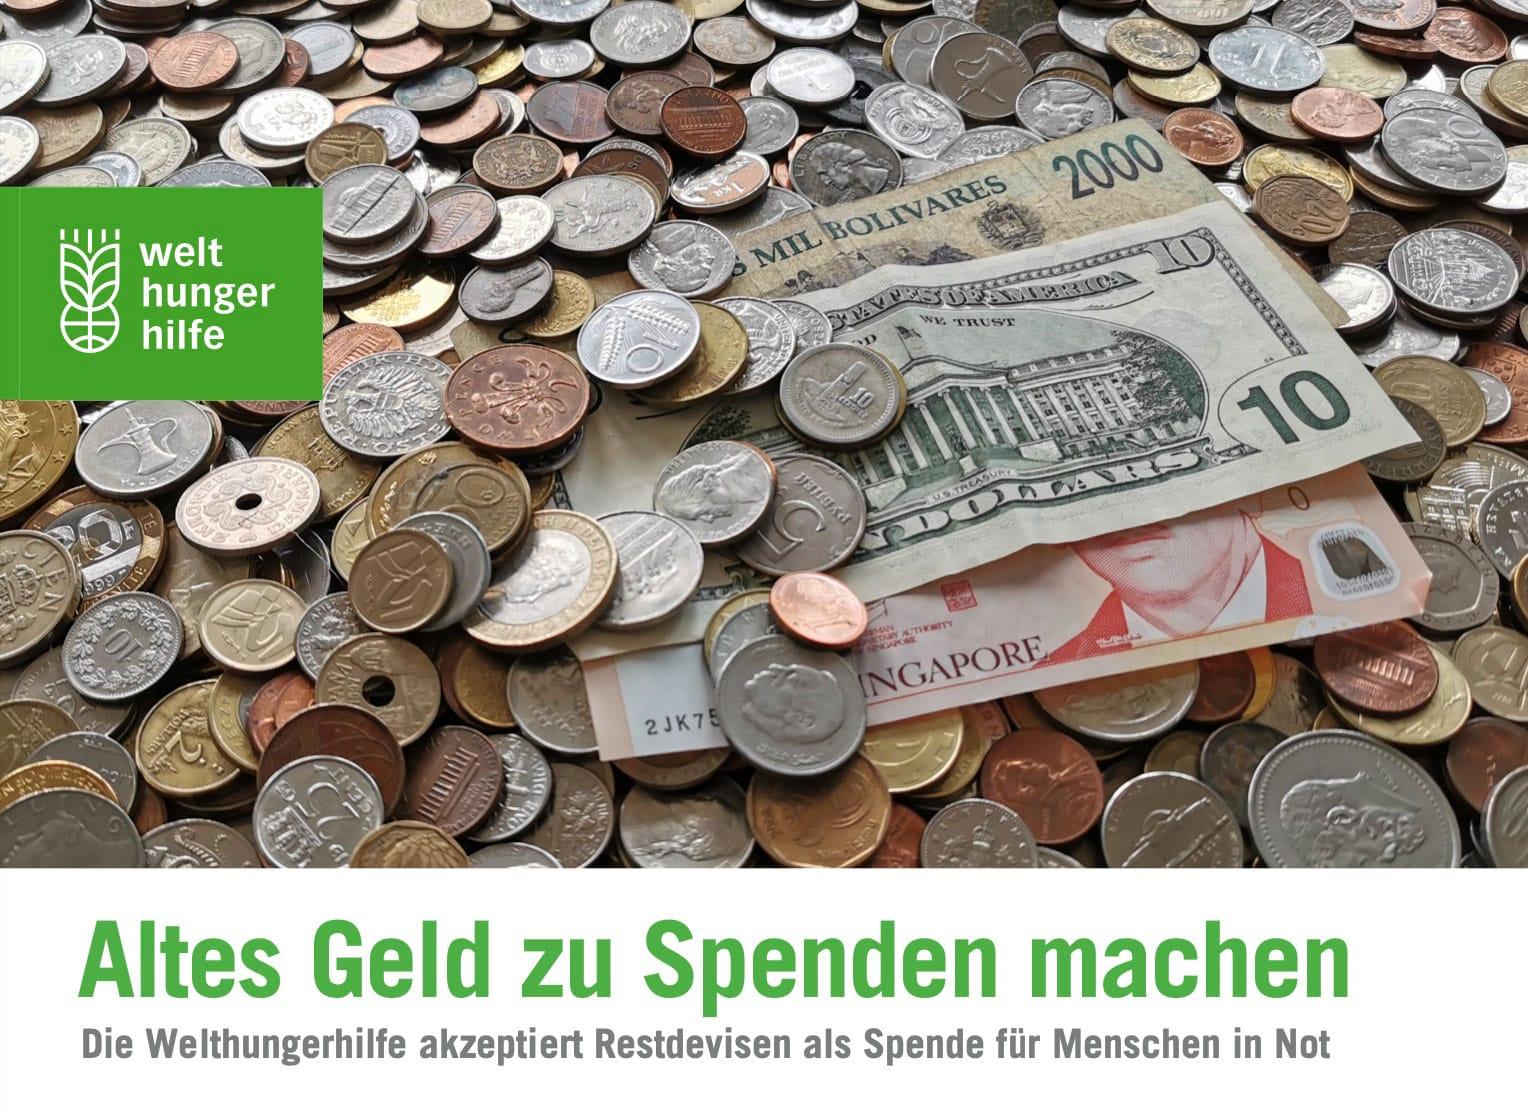 Fremdwährungen spenden - So geht's - Reiseblog Bravebird